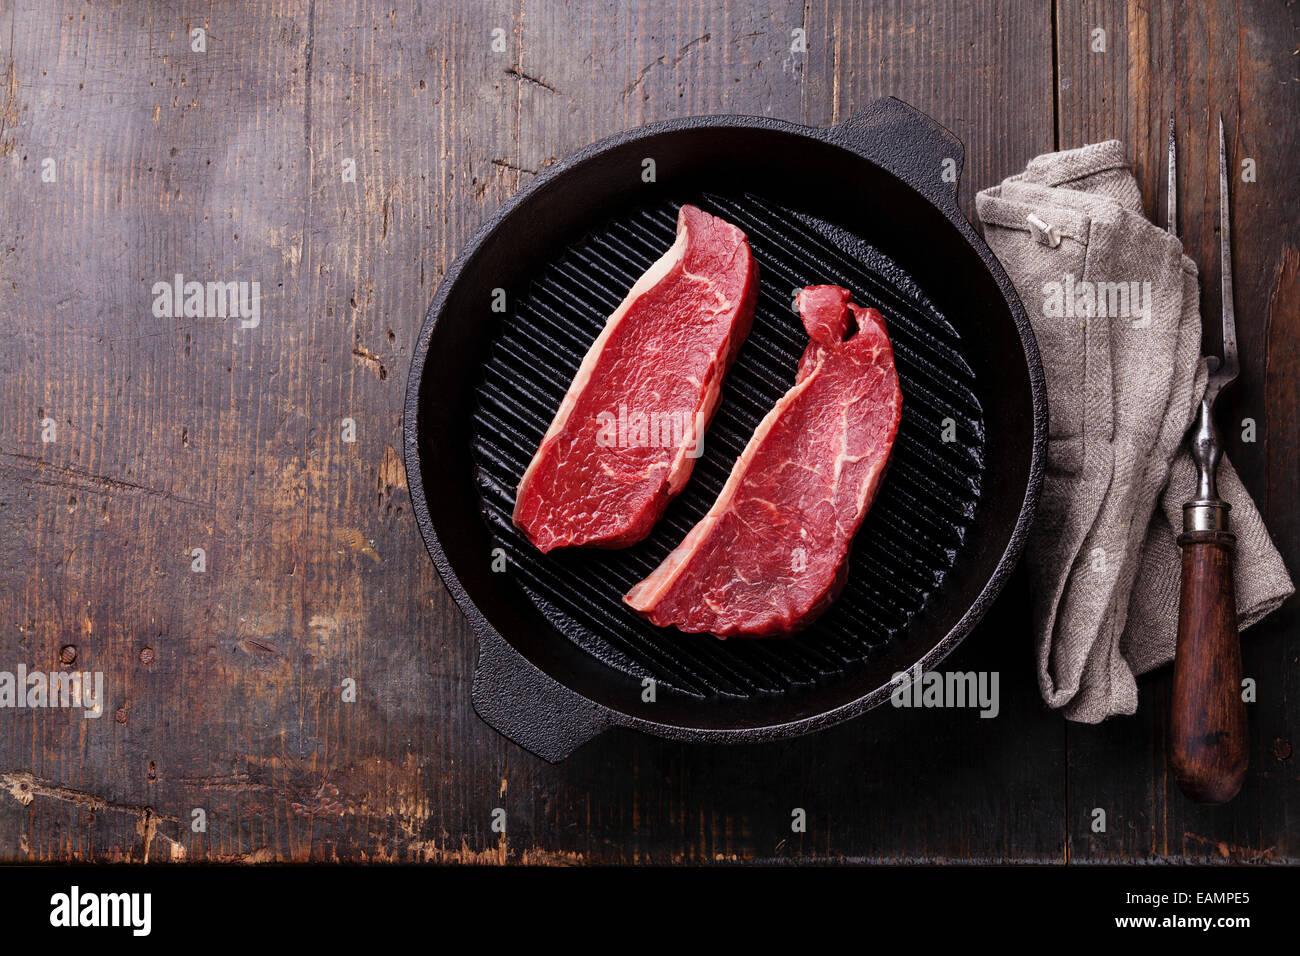 Bistec de solomillo rara en la parrilla sobre fondo de madera Imagen De Stock